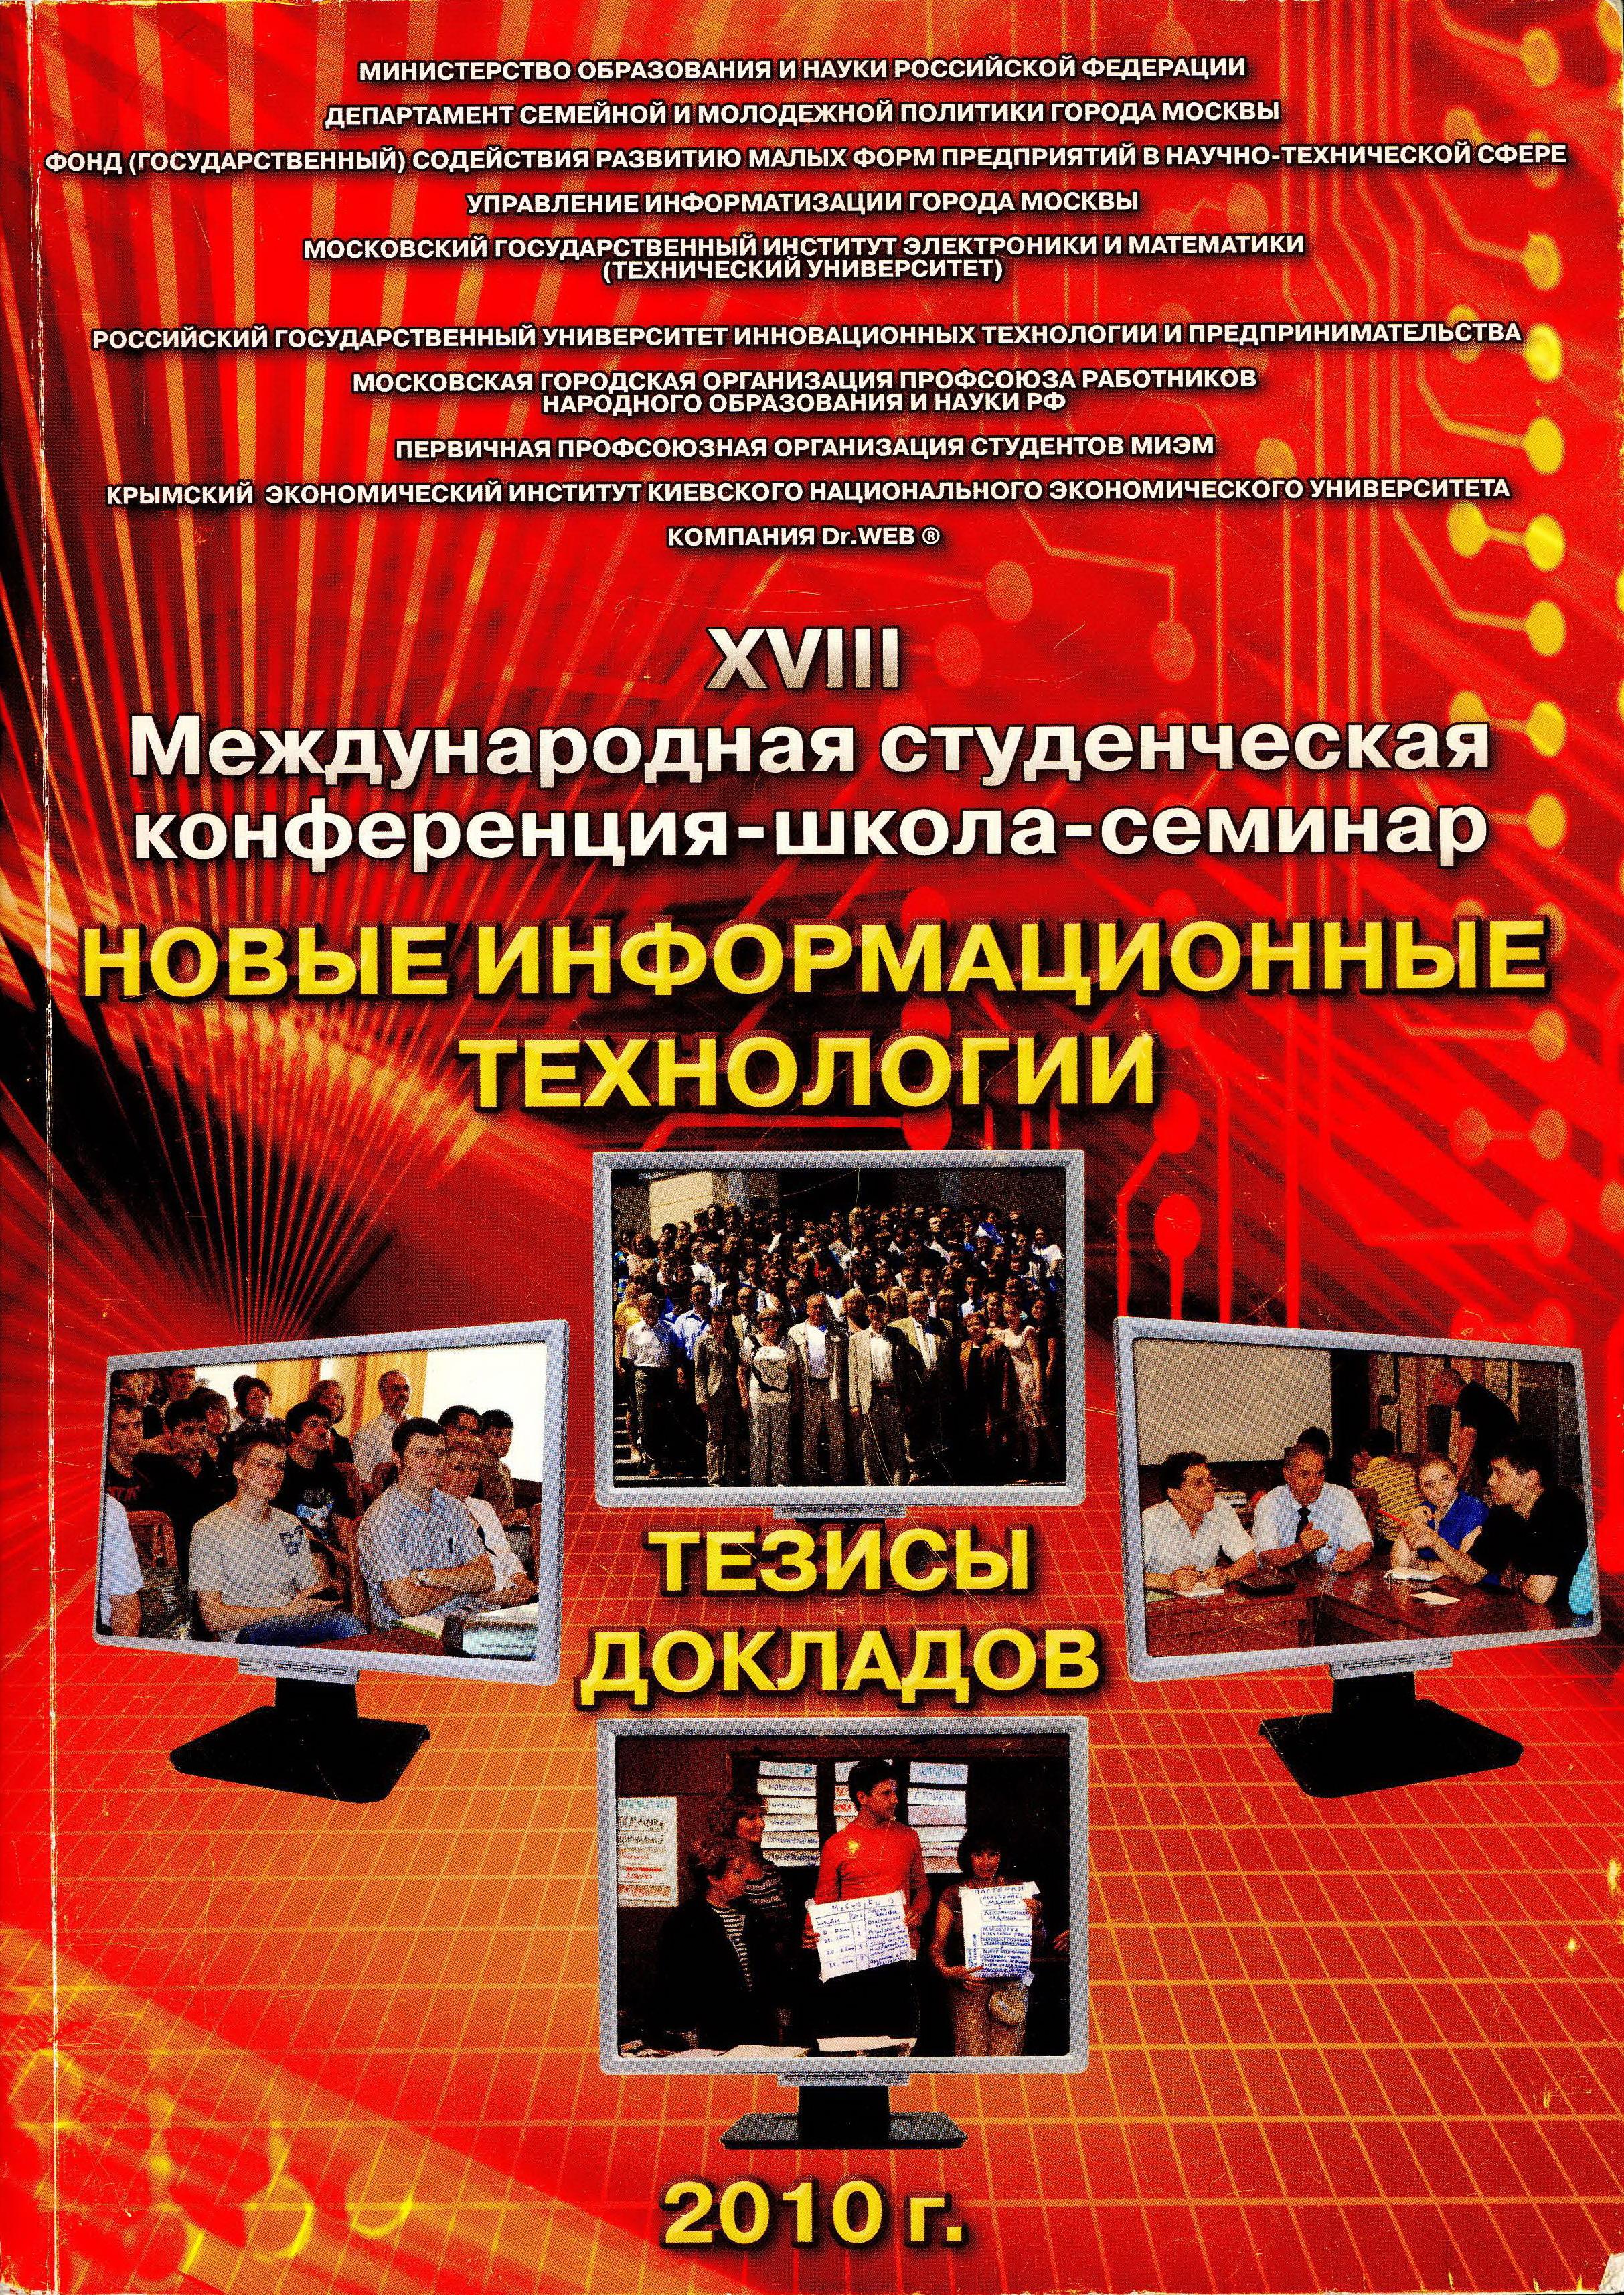 Новые информационные технологии. Тезисы докладов XVIII международной студенческой конференции-школы-семинара